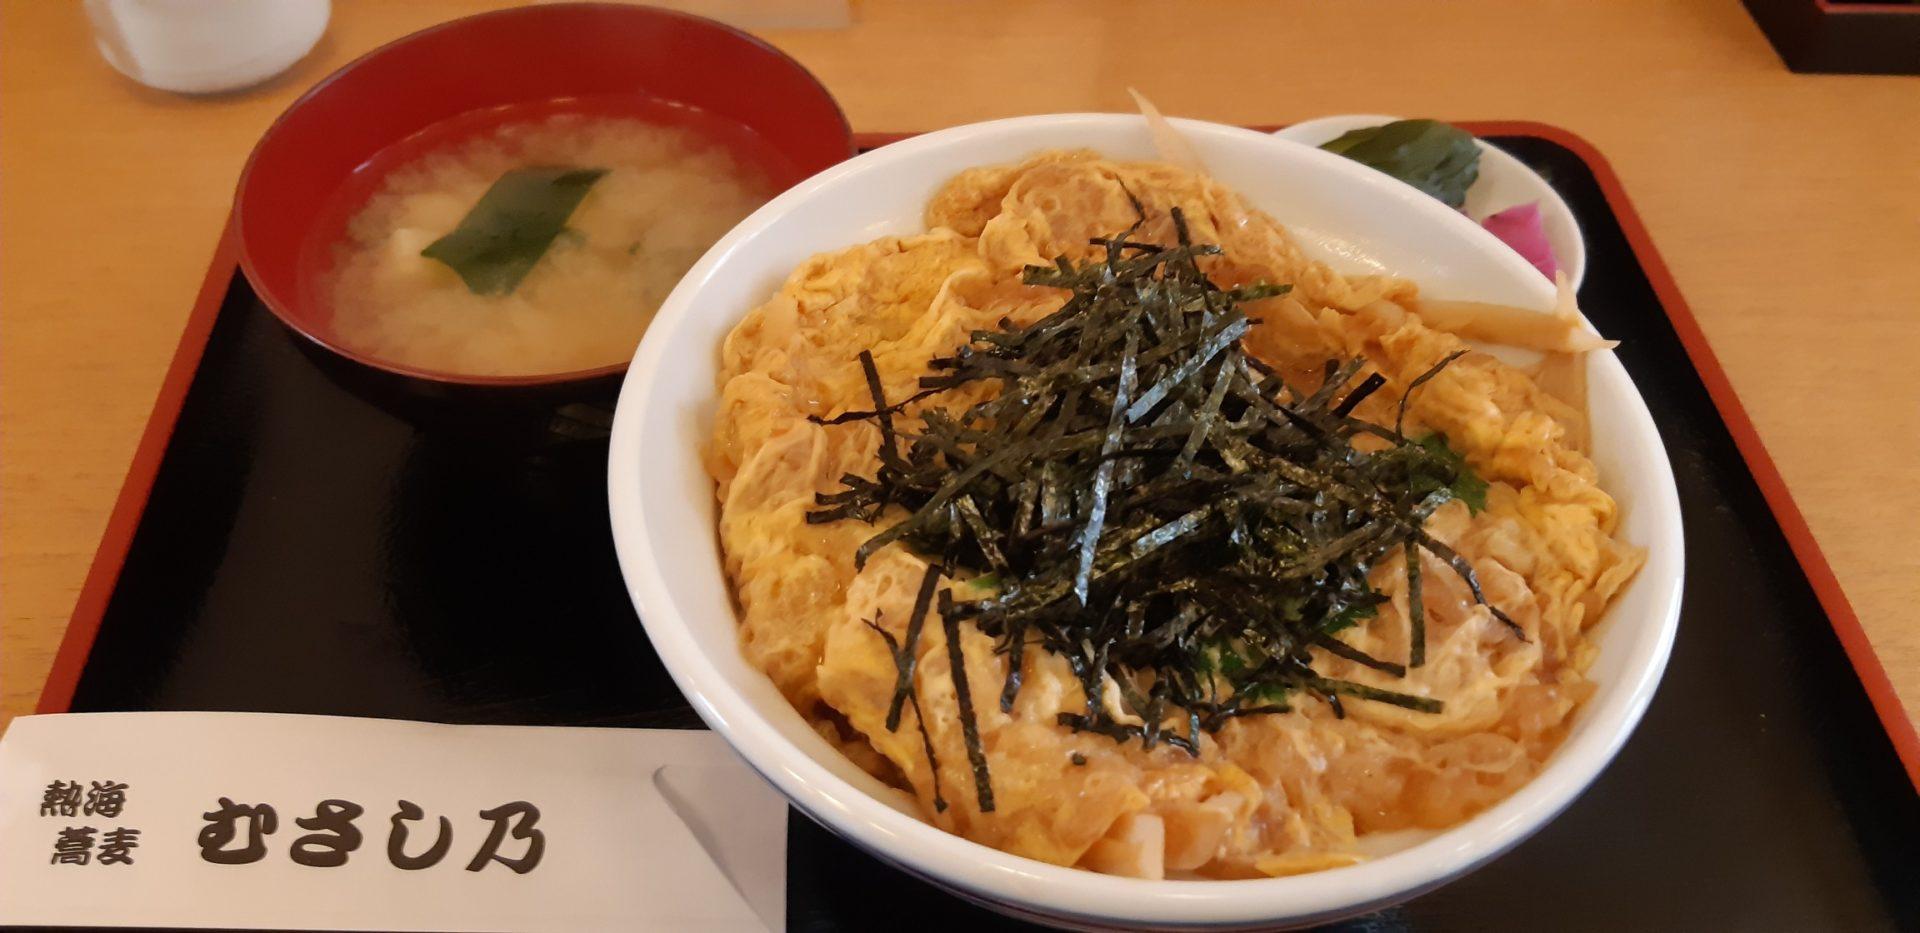 1月17日(金)の『糸川遊歩道のあたみ桜』と『むさし乃』の昼食